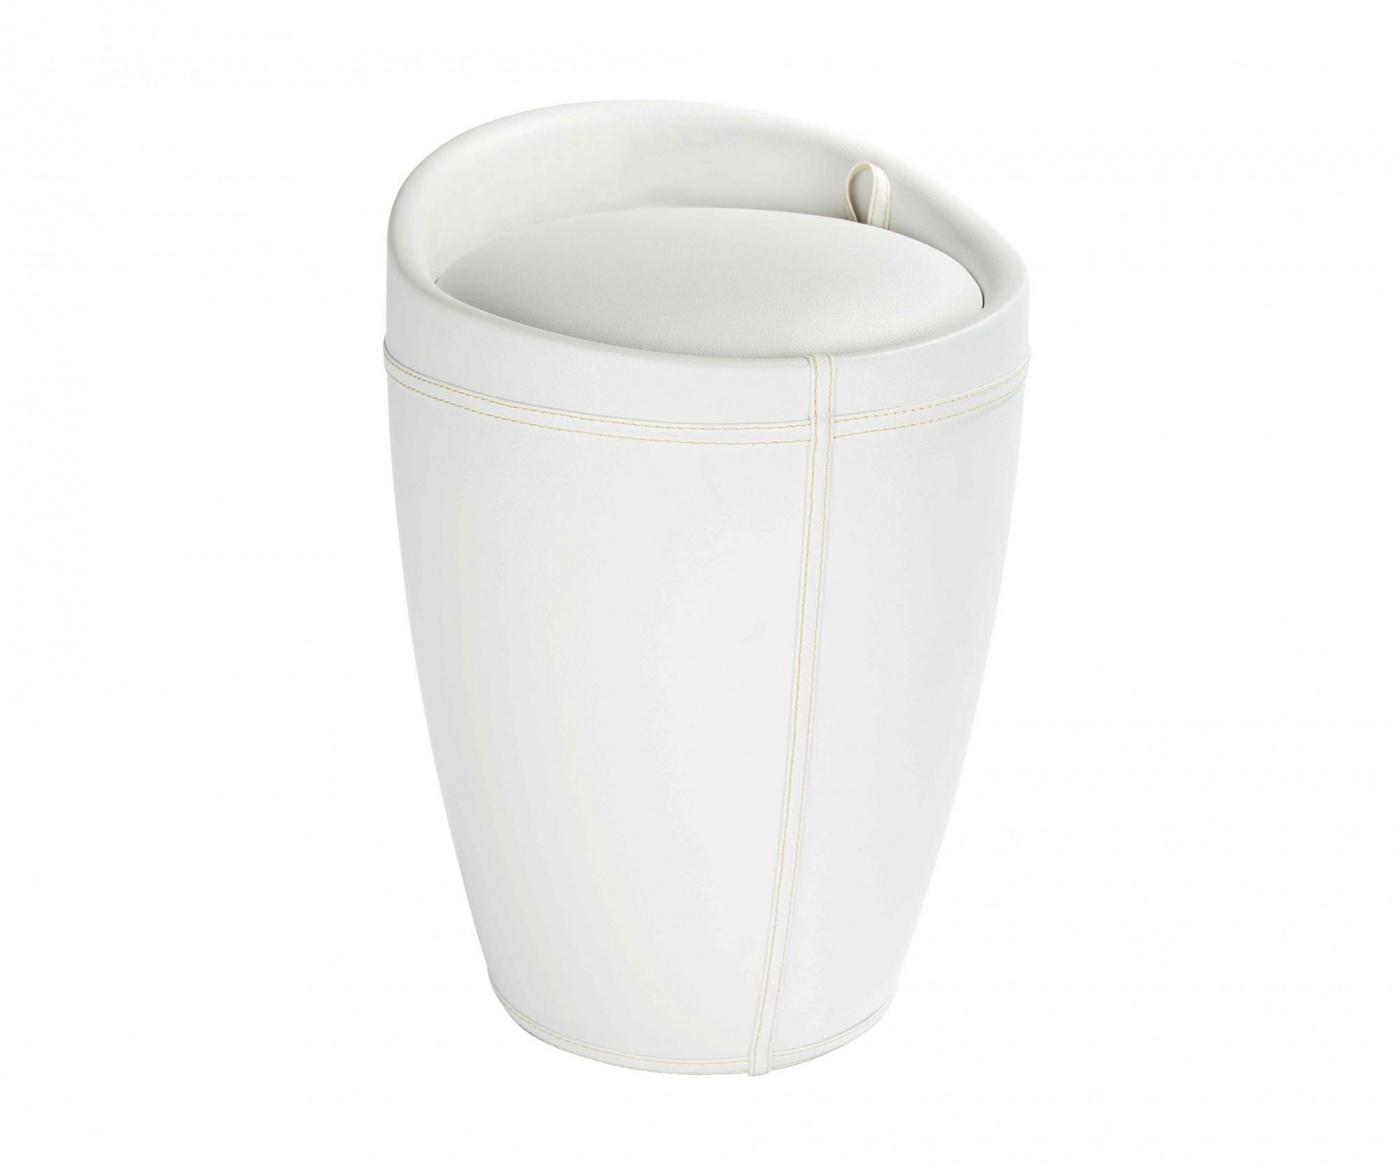 Kopalniški taburet Candy White 20 L